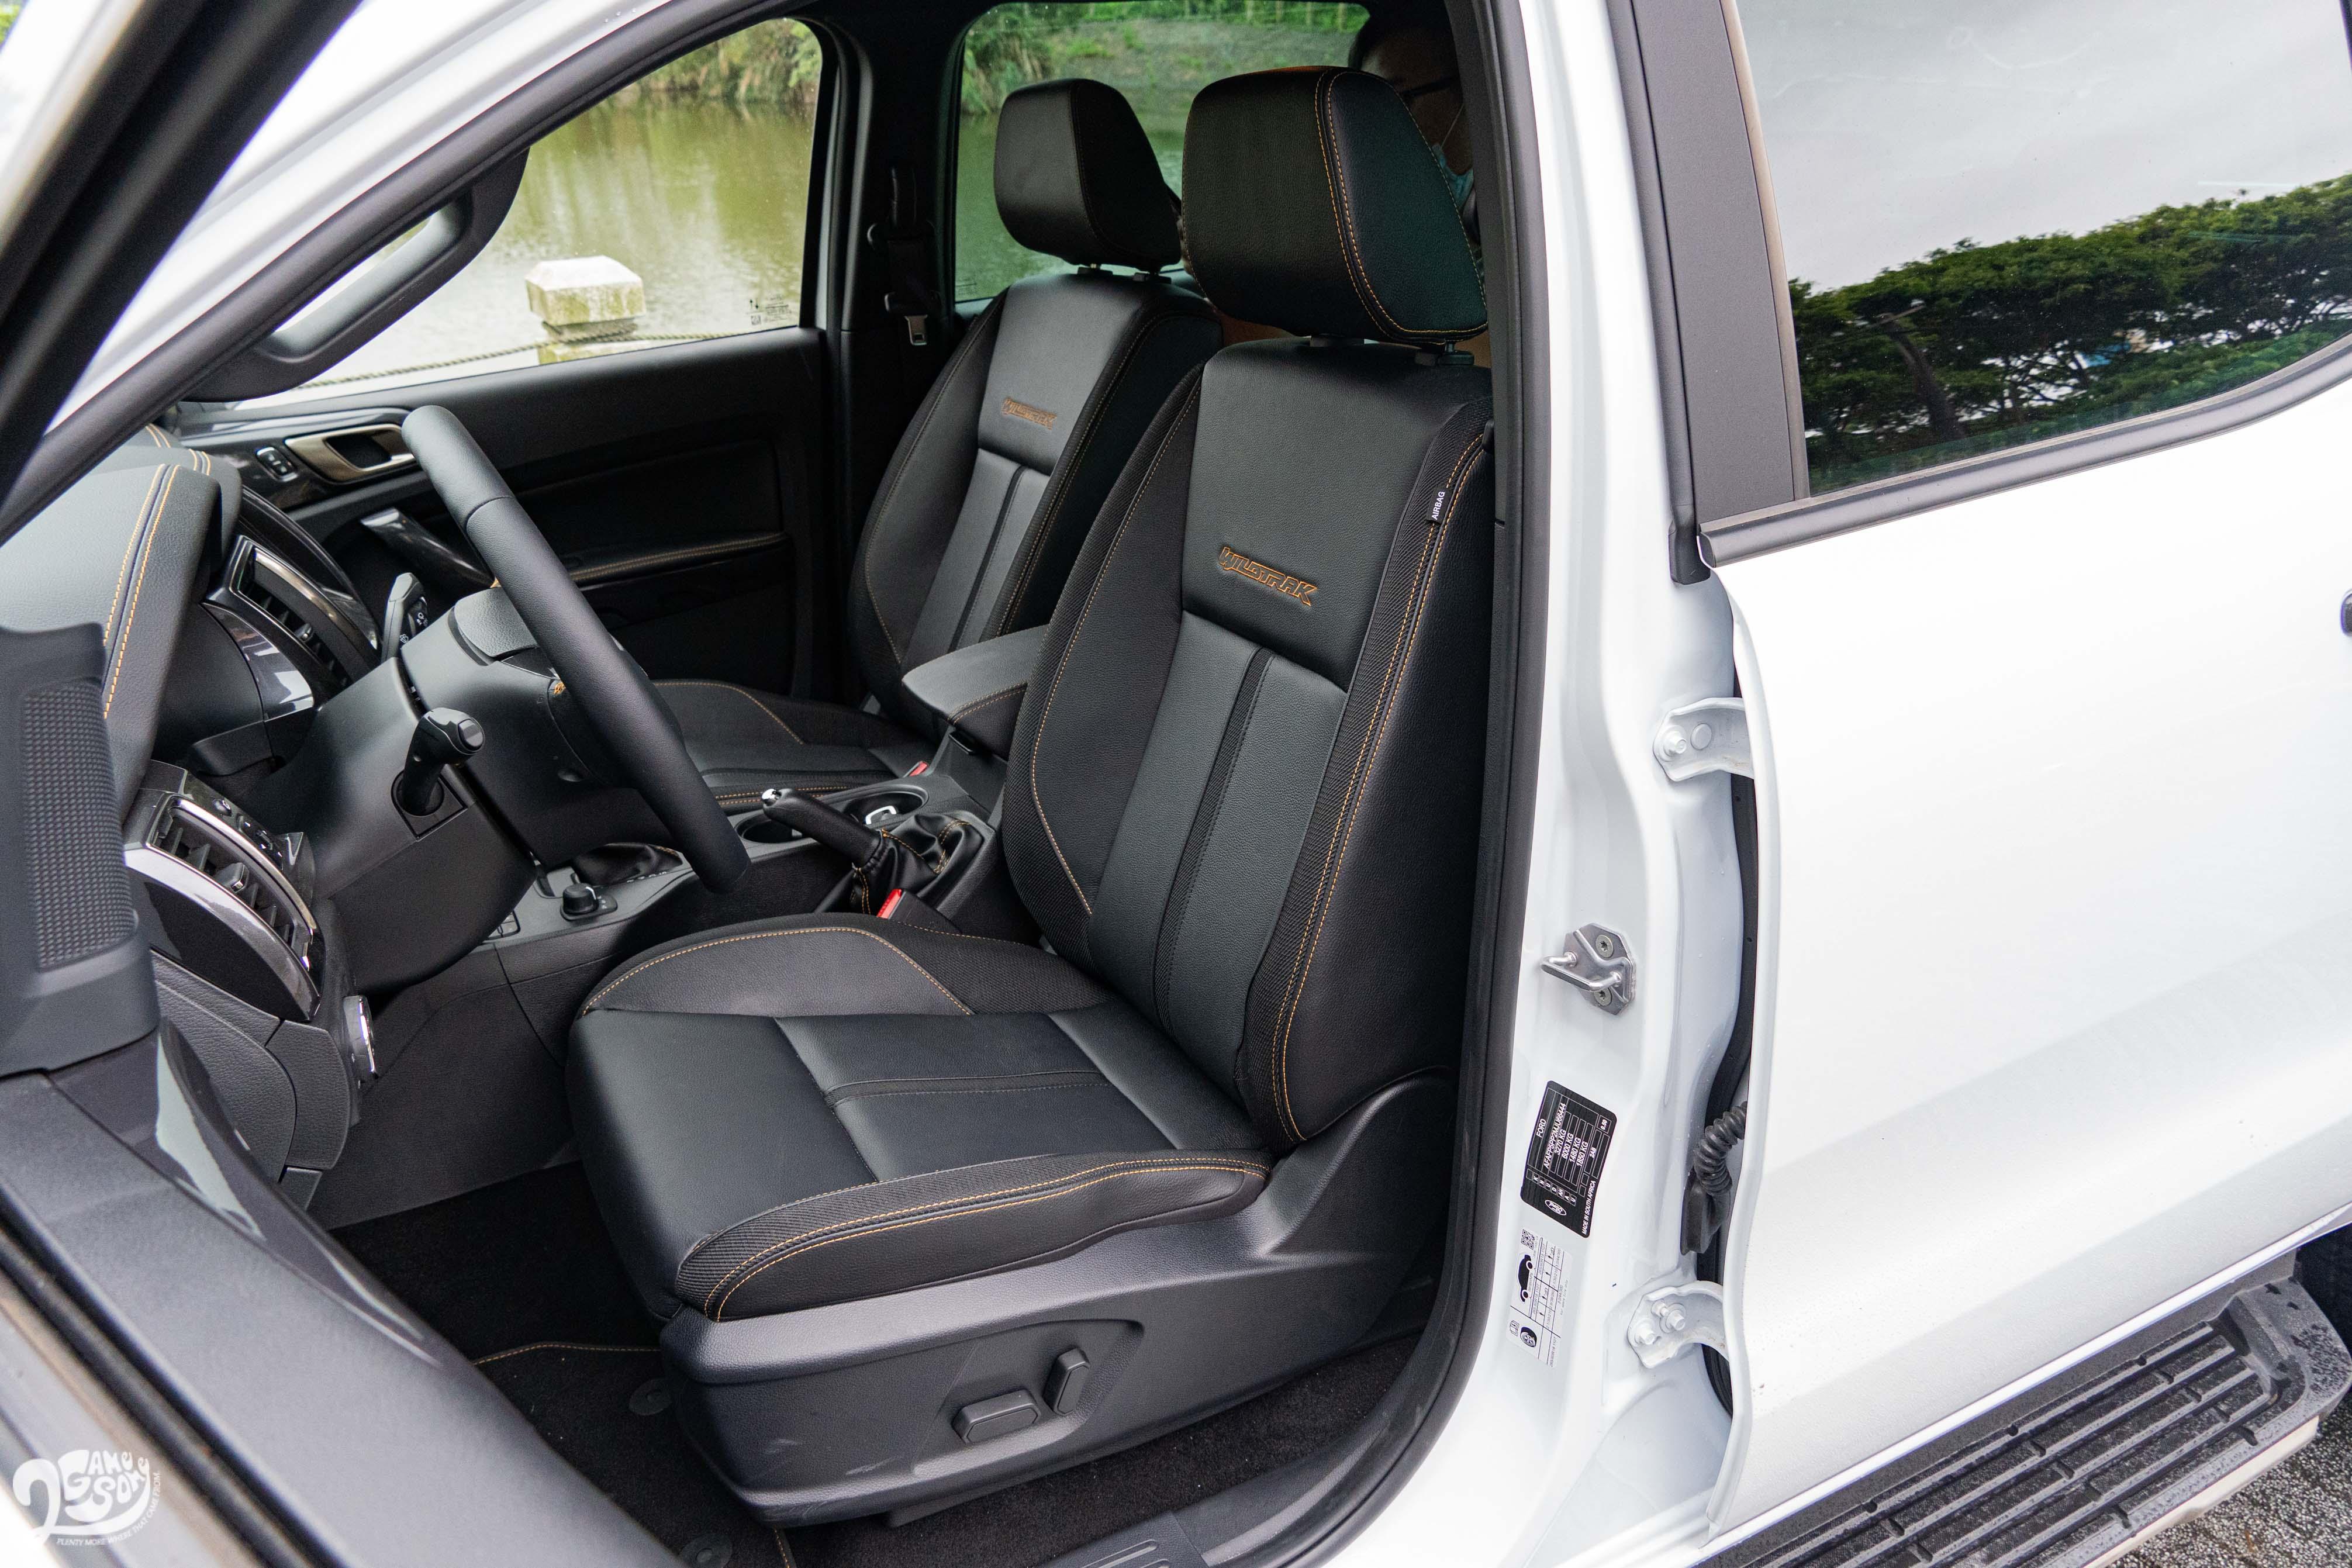 座椅用精緻合成皮,駕駛座電動調整附手動腰靠。